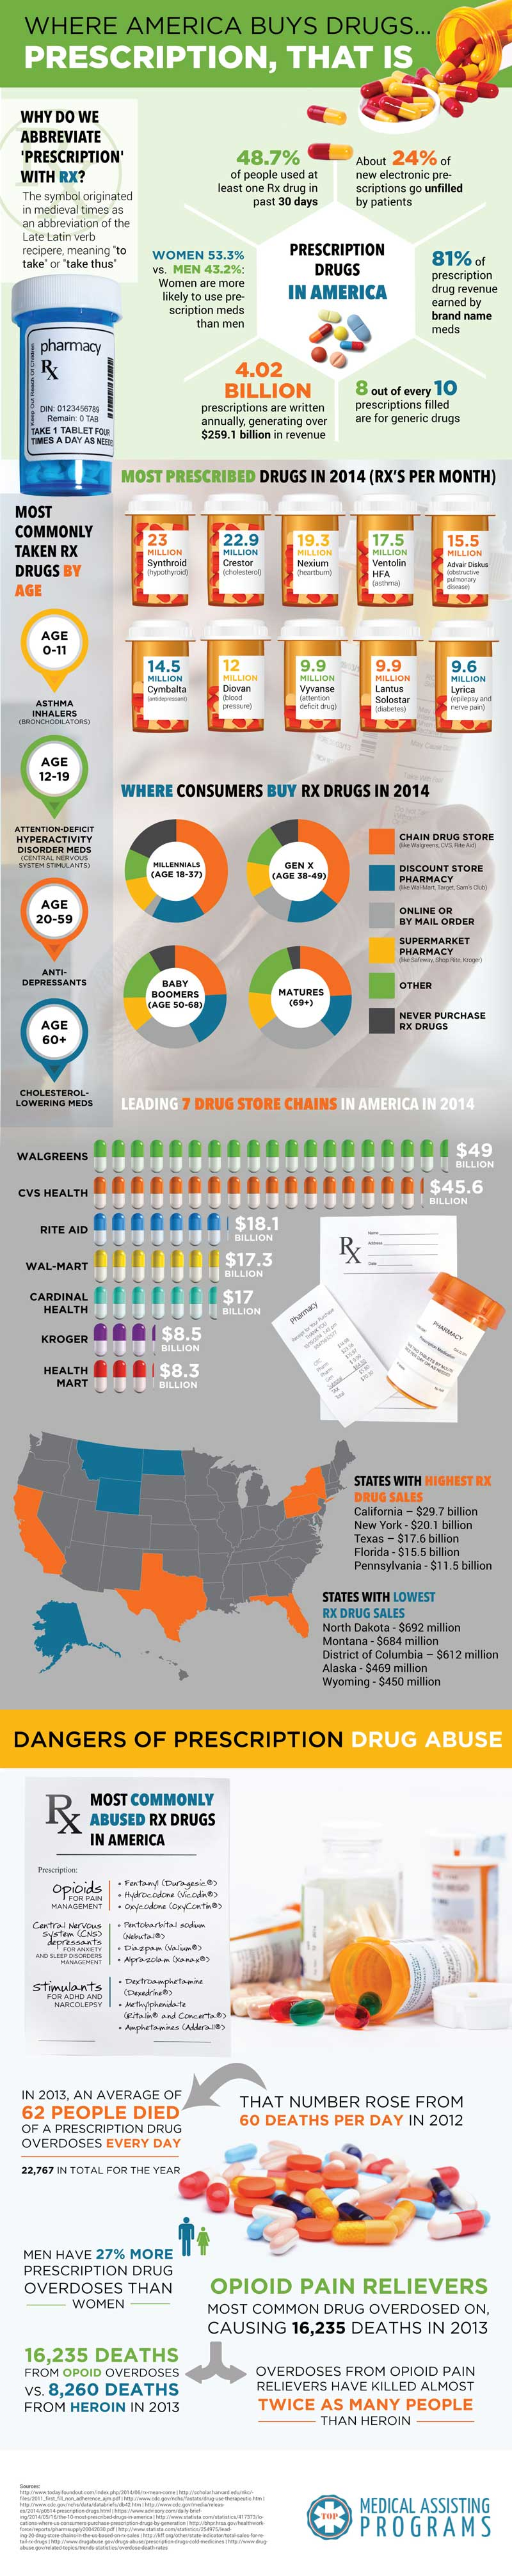 Where America gets prescriptions